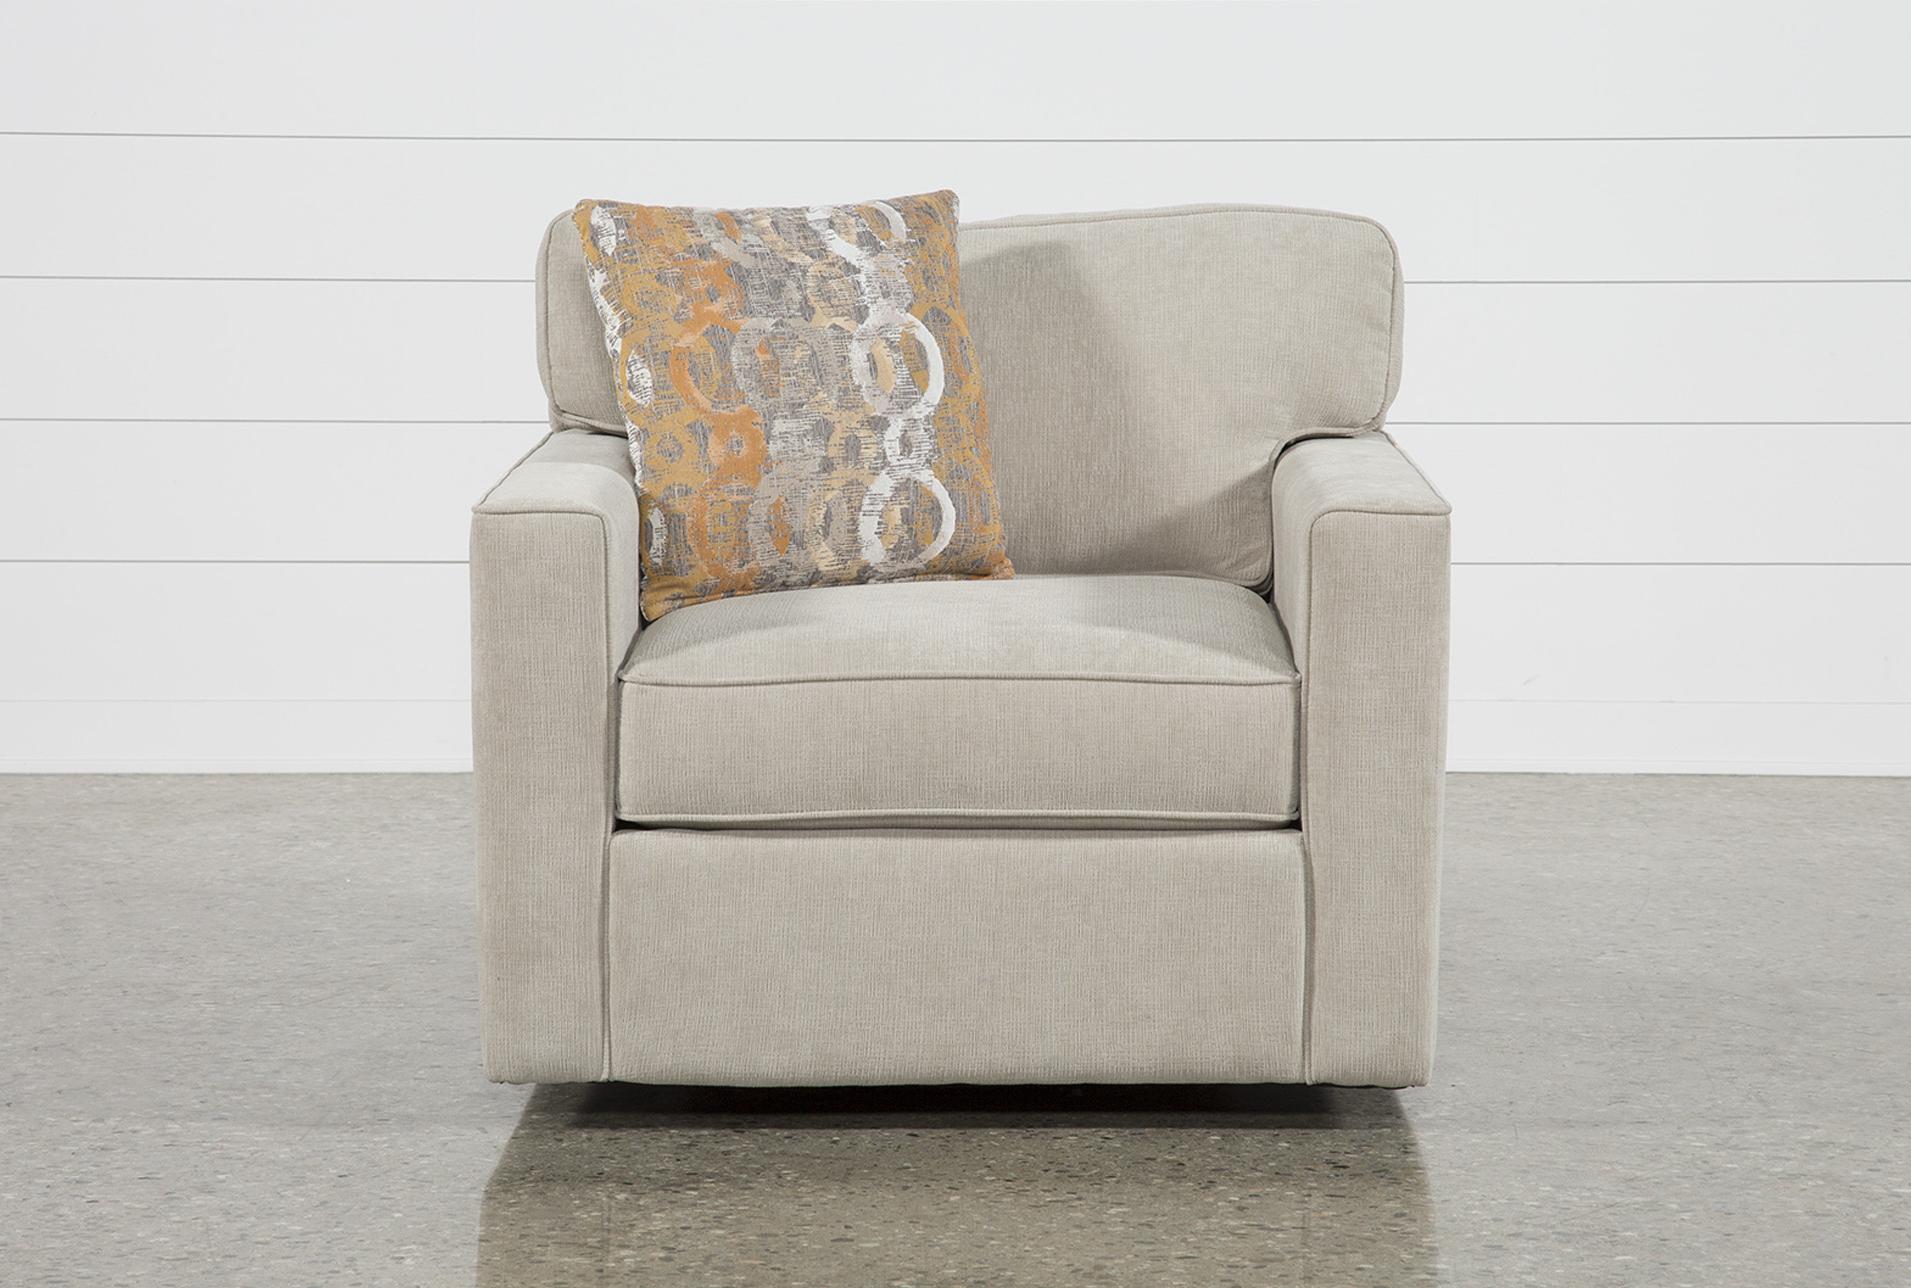 Alder Grande Ii Swivel Chair (View 3 of 20)